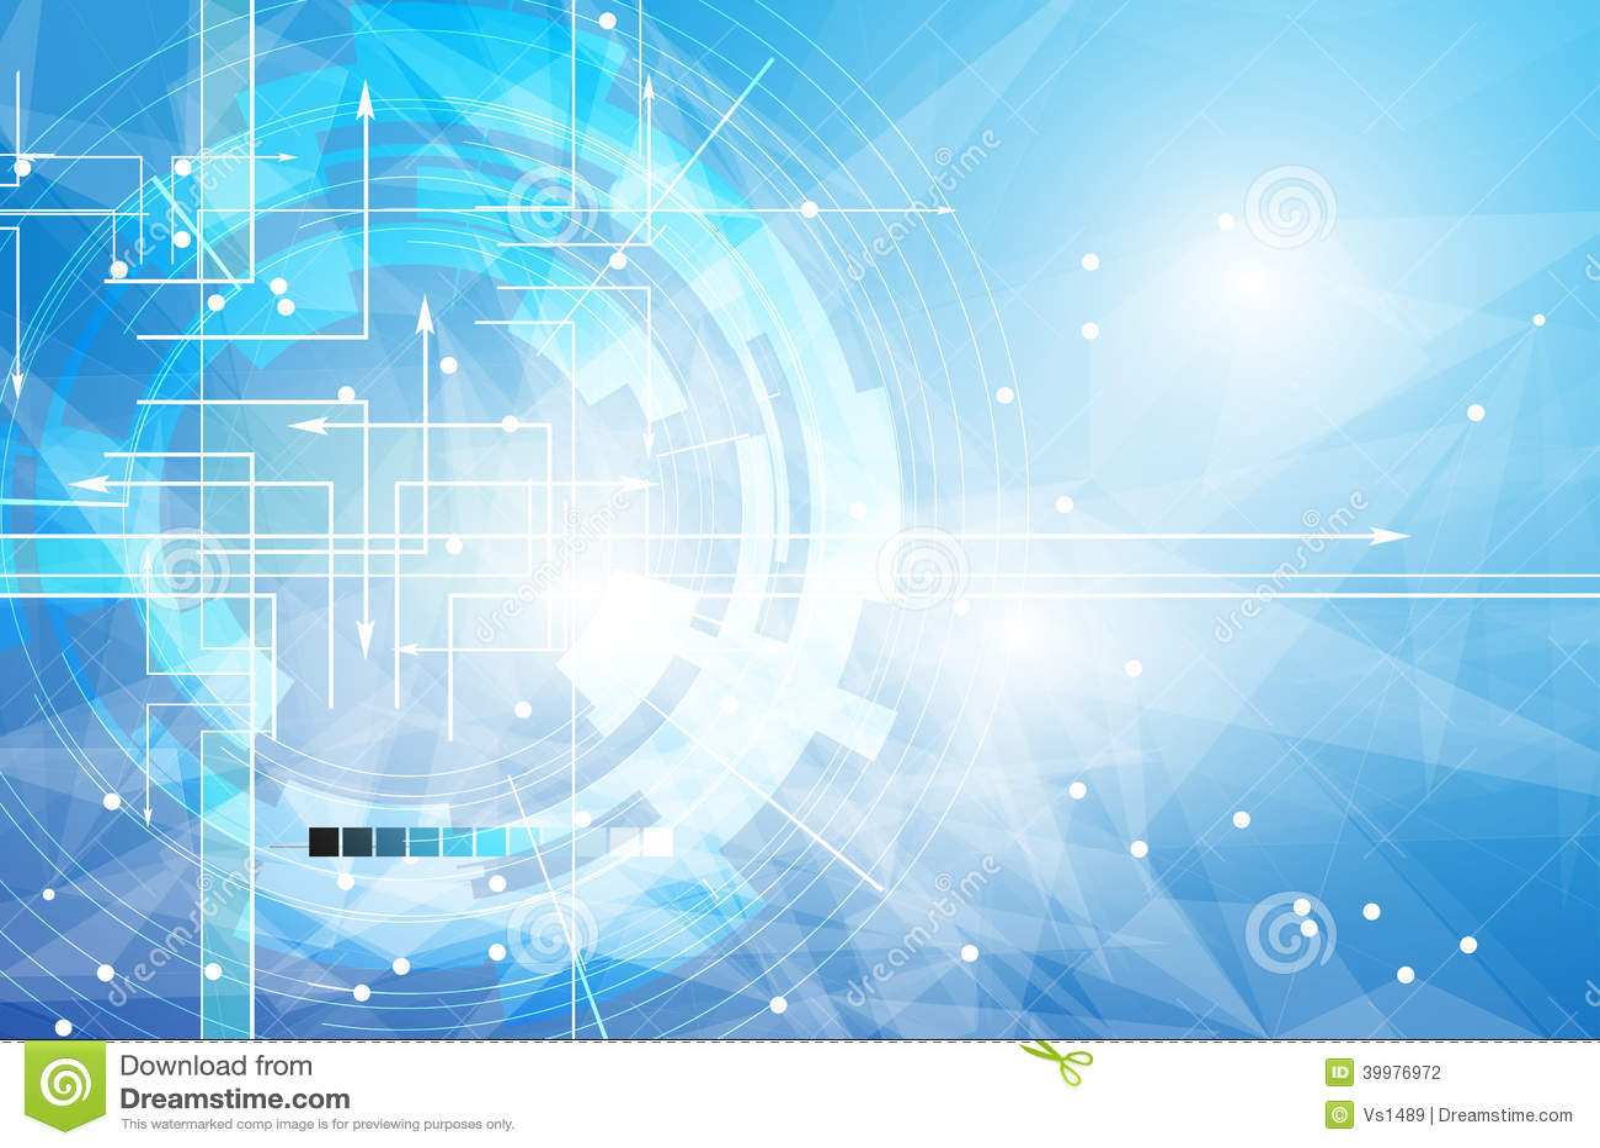 Σφαιρικό επιχειρησιακό υπόβαθρο έννοιας τεχνολογίας υπολογιστών απείρου